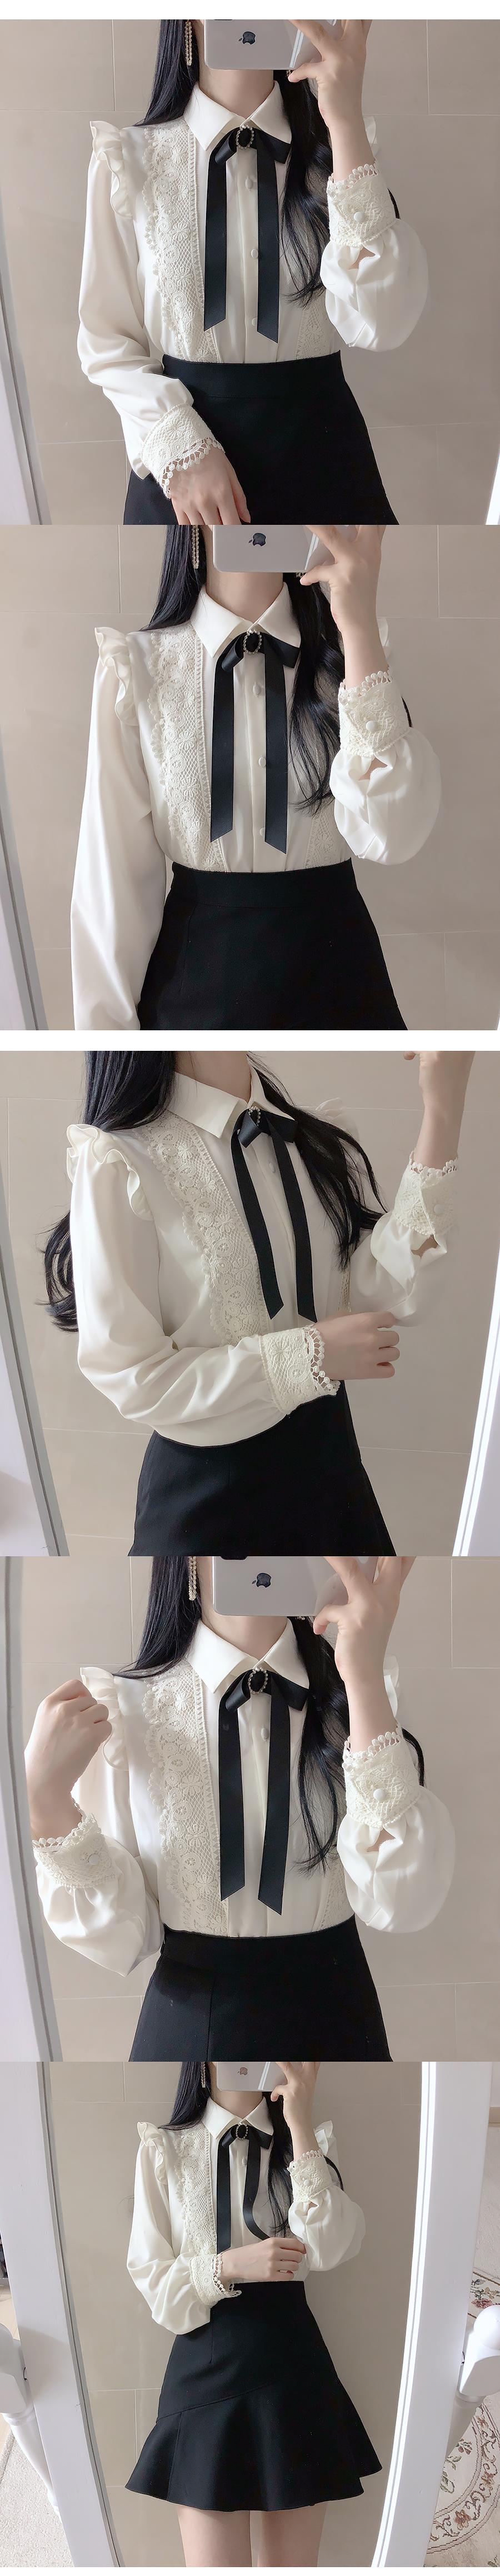 Broochset ♥ Leah lace blouse